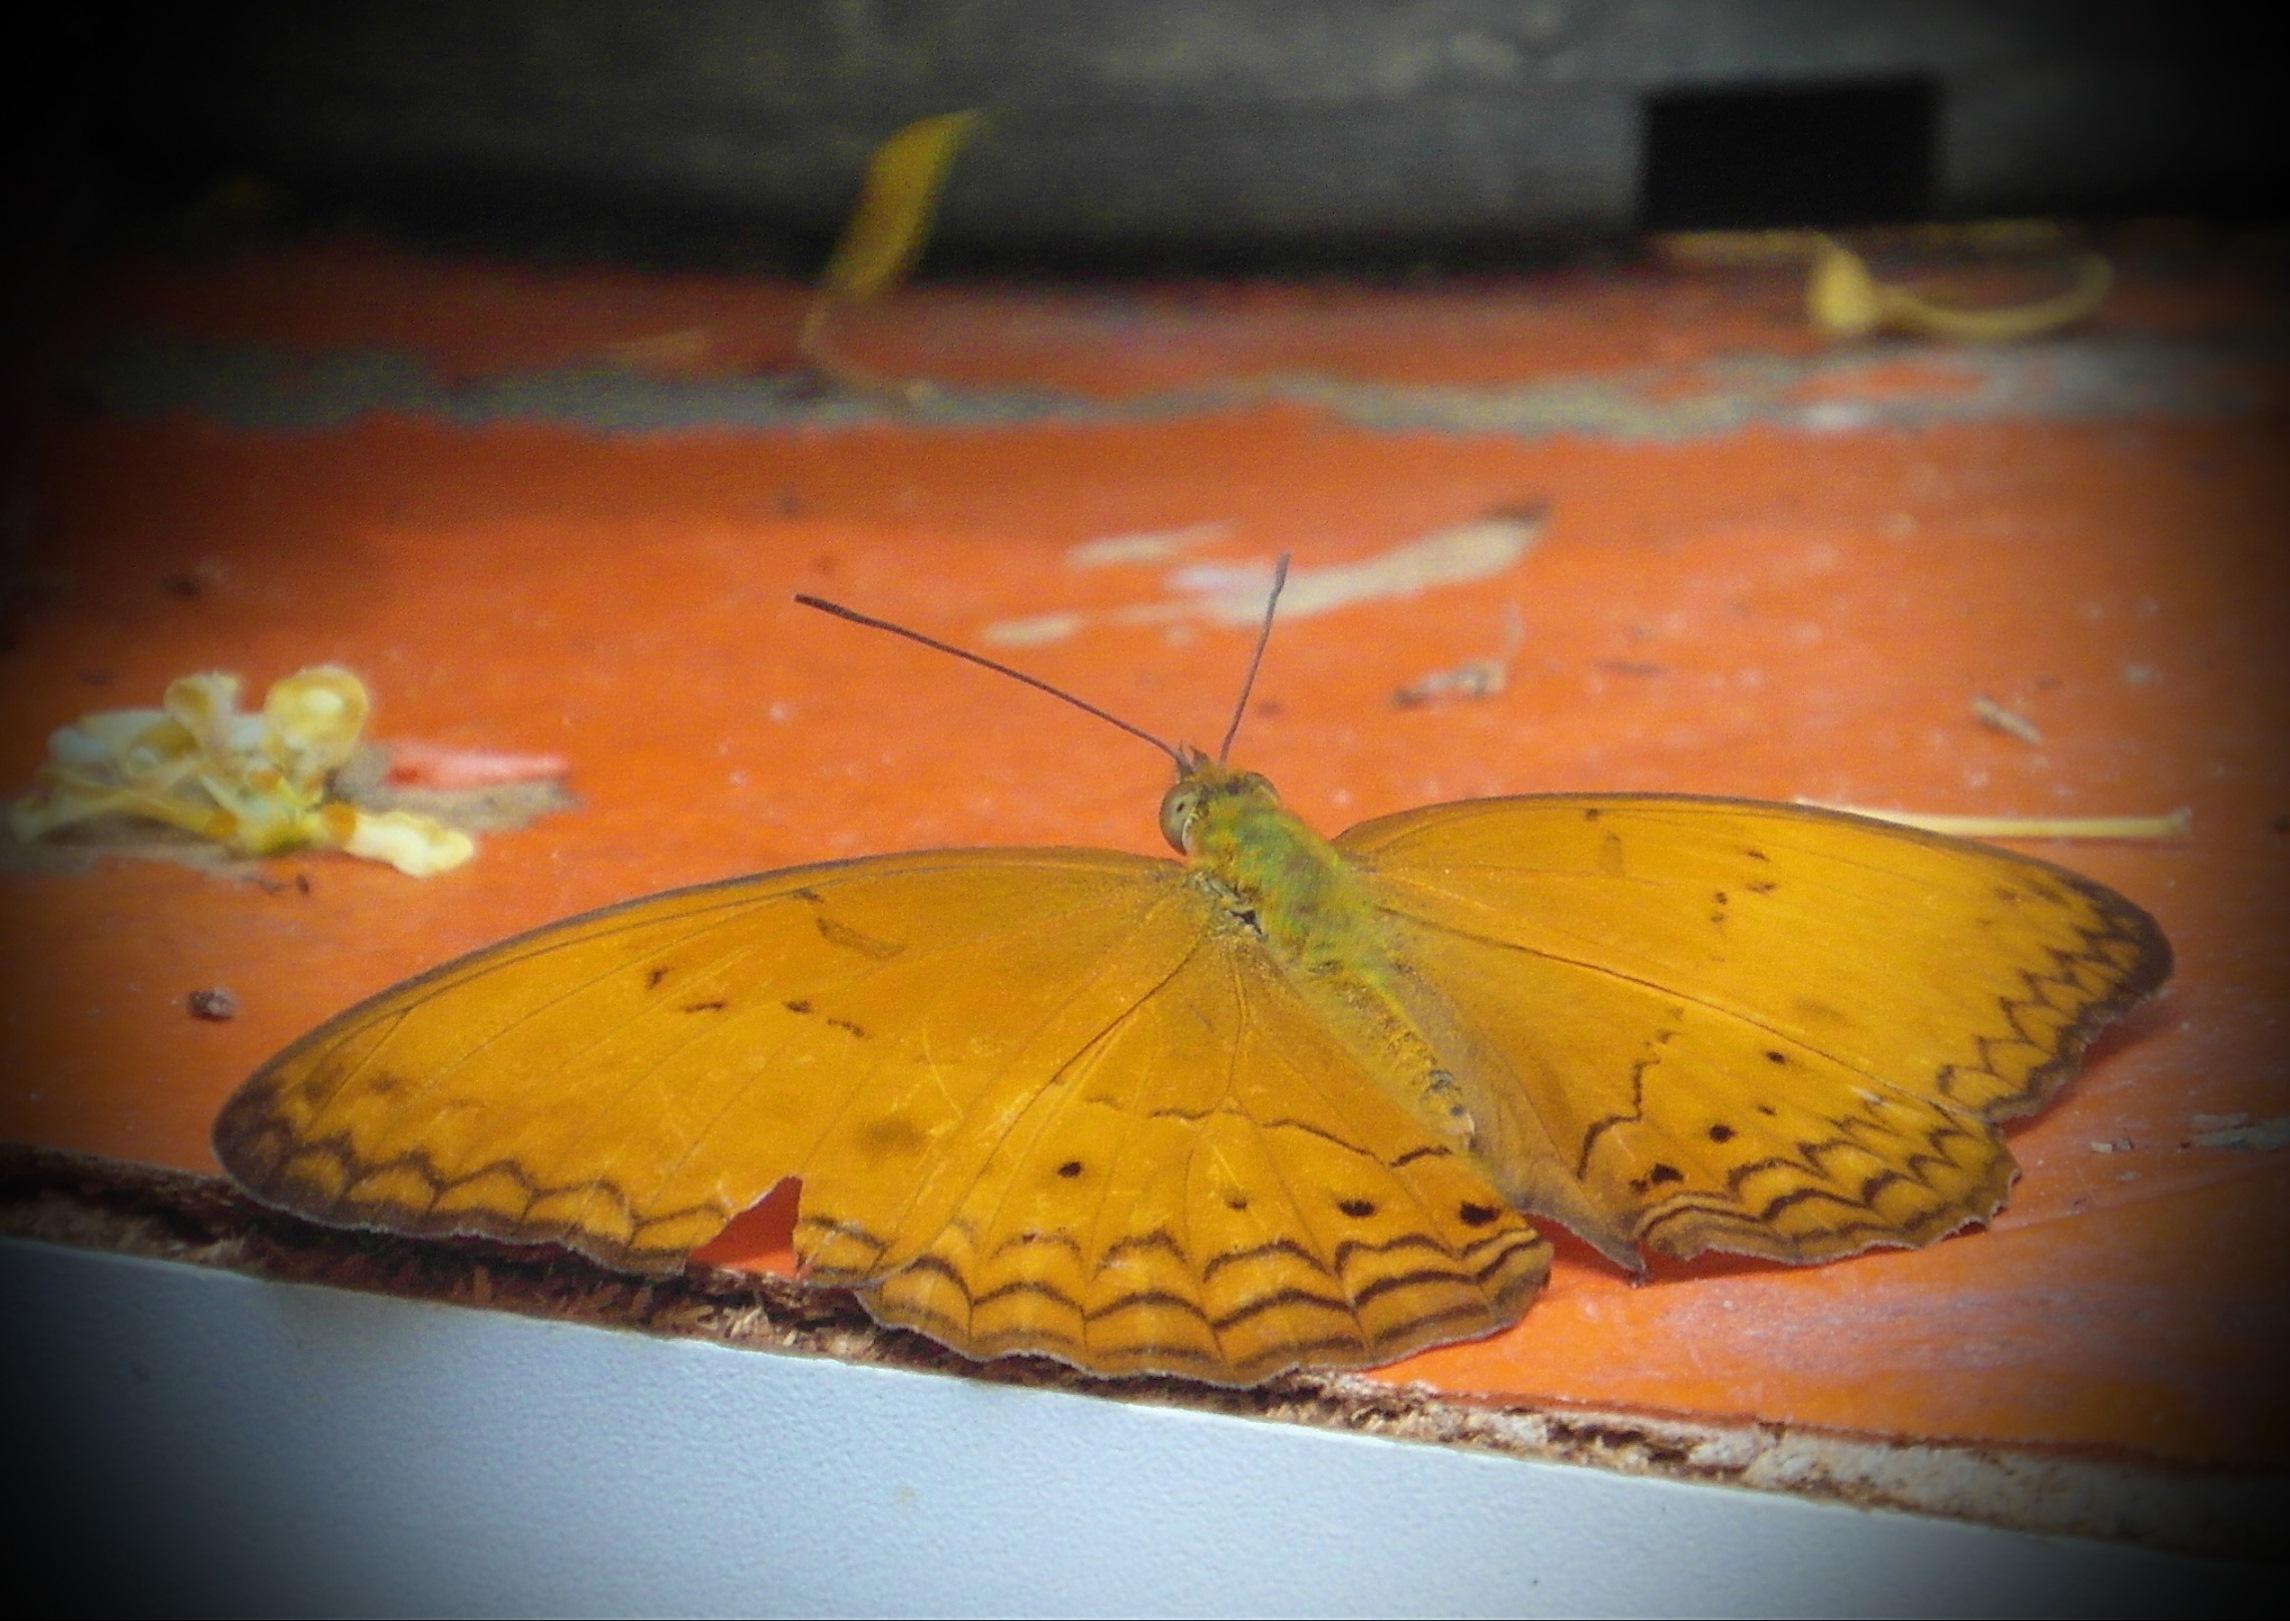 Orange butterfly photo